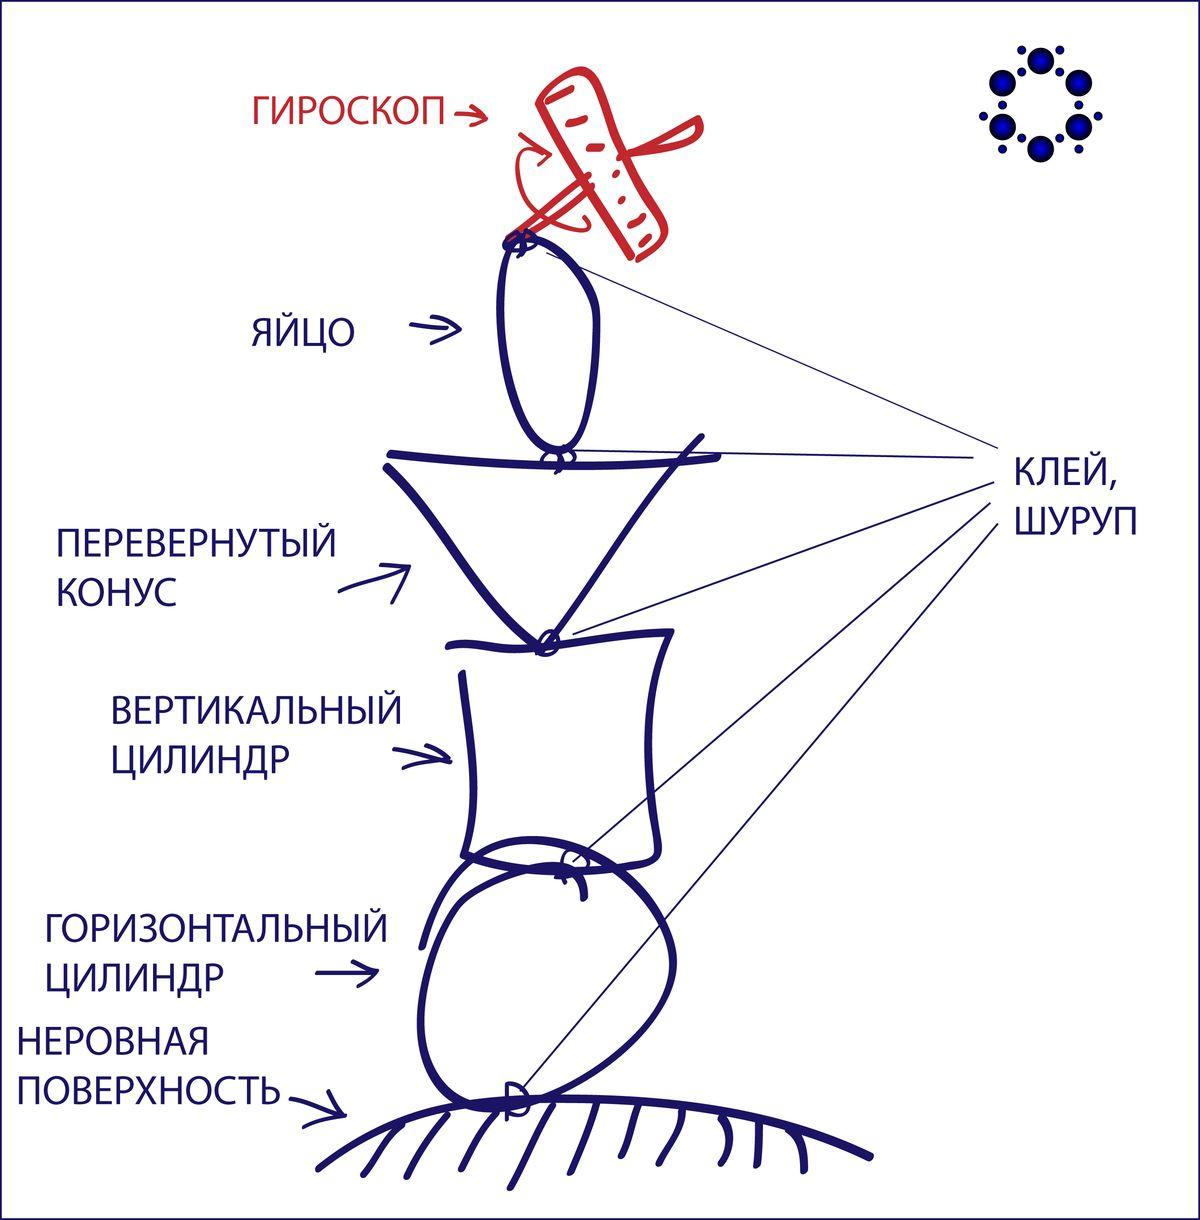 Гироскопы против гороскопов: секреты устойчивости финансовых систем )))